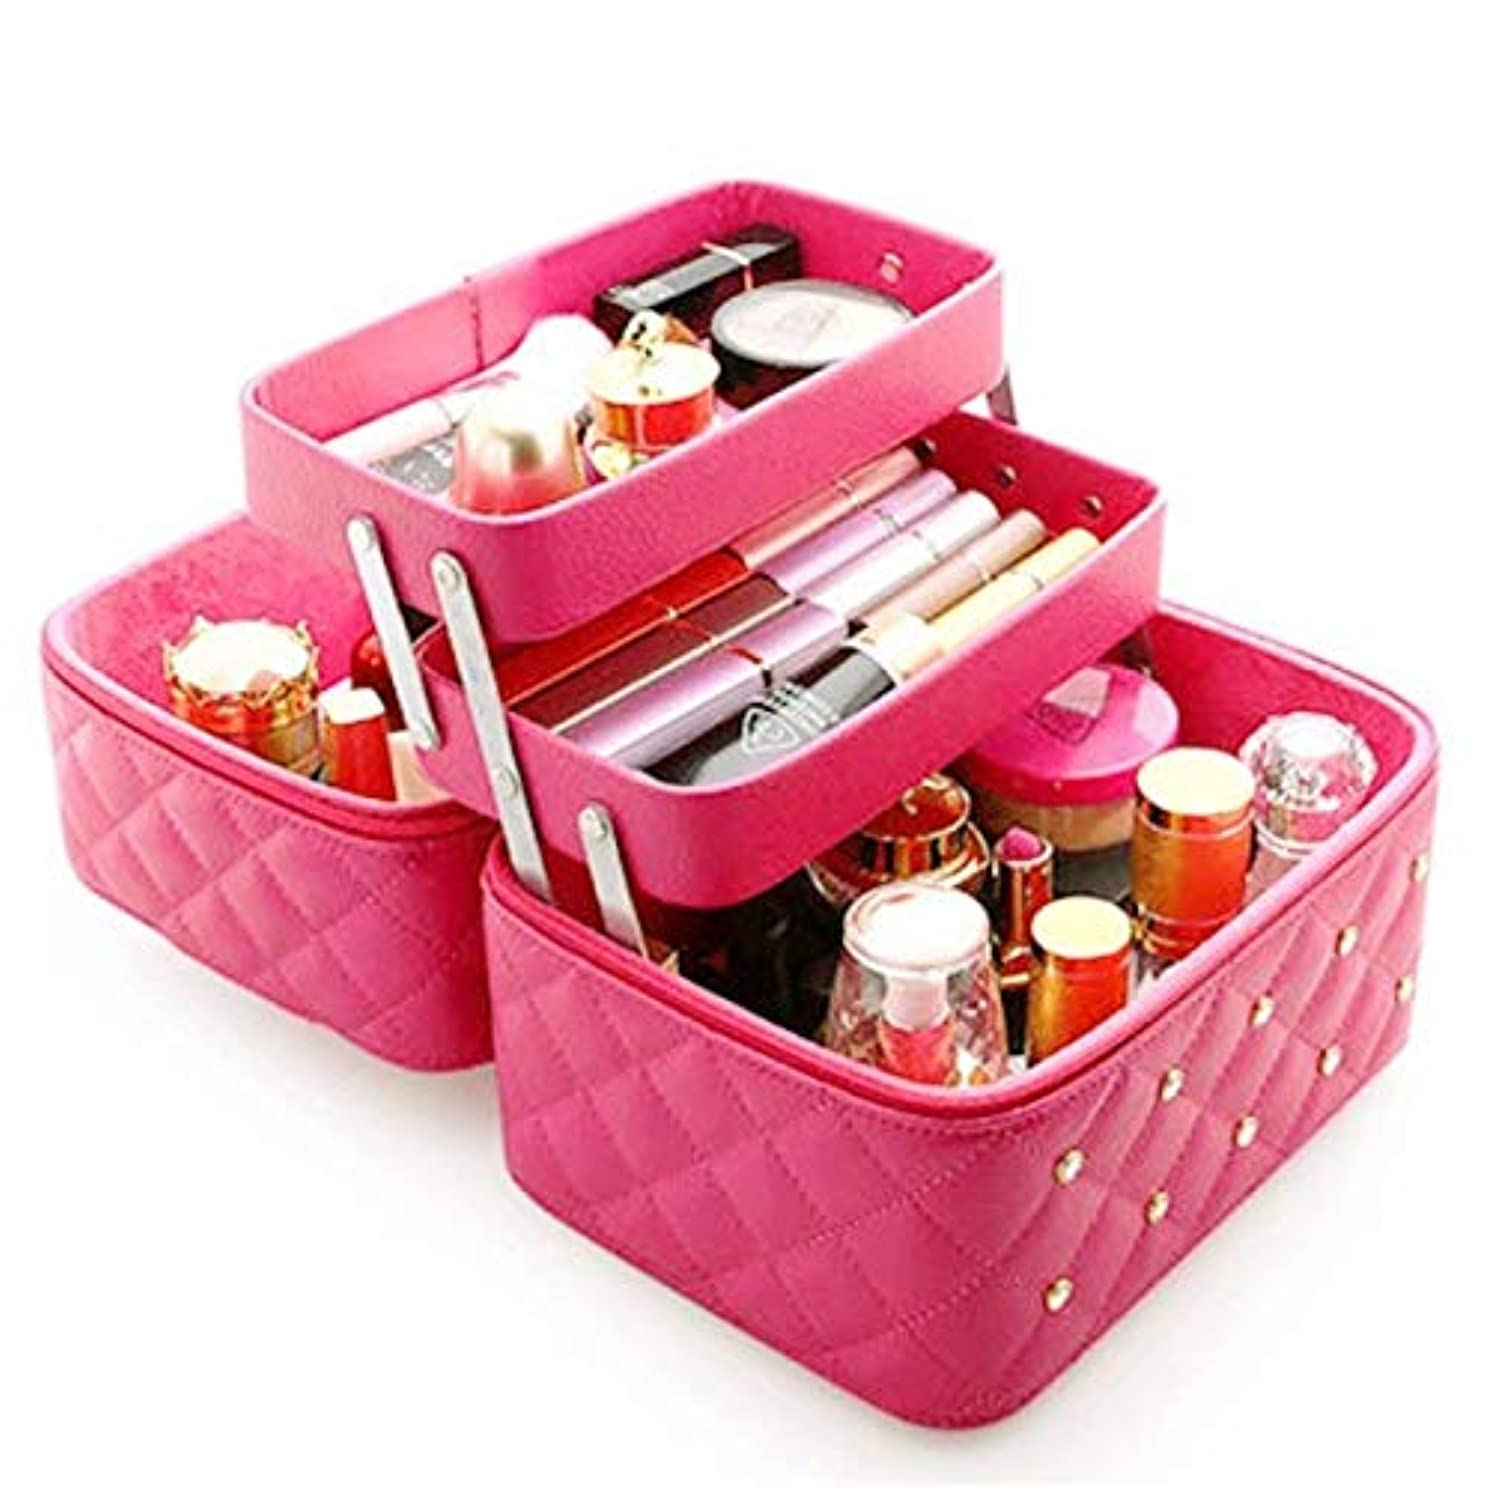 能力先例おじいちゃん持ち運びできる メイクボックス 大容量 取っ手付き コスメボックス 化粧品収納ボックス 収納ケース 小物入れ (ピンク)